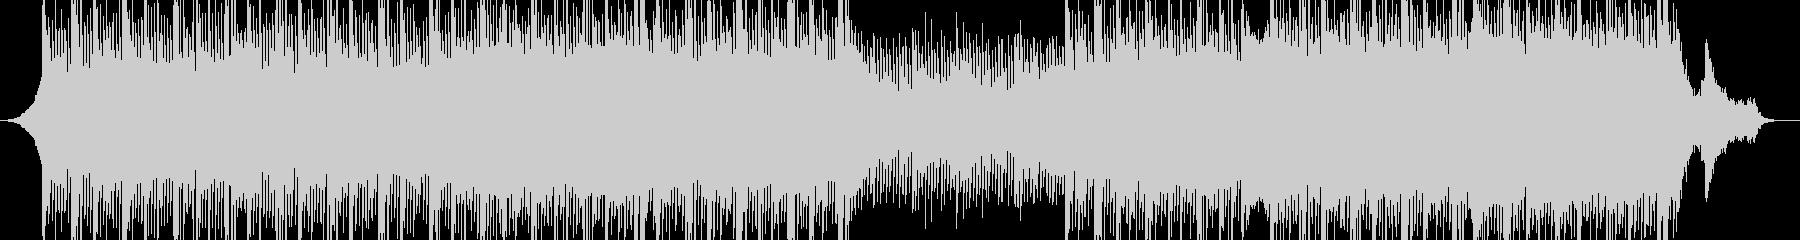 プレゼンテーション用の電子技術音楽の未再生の波形